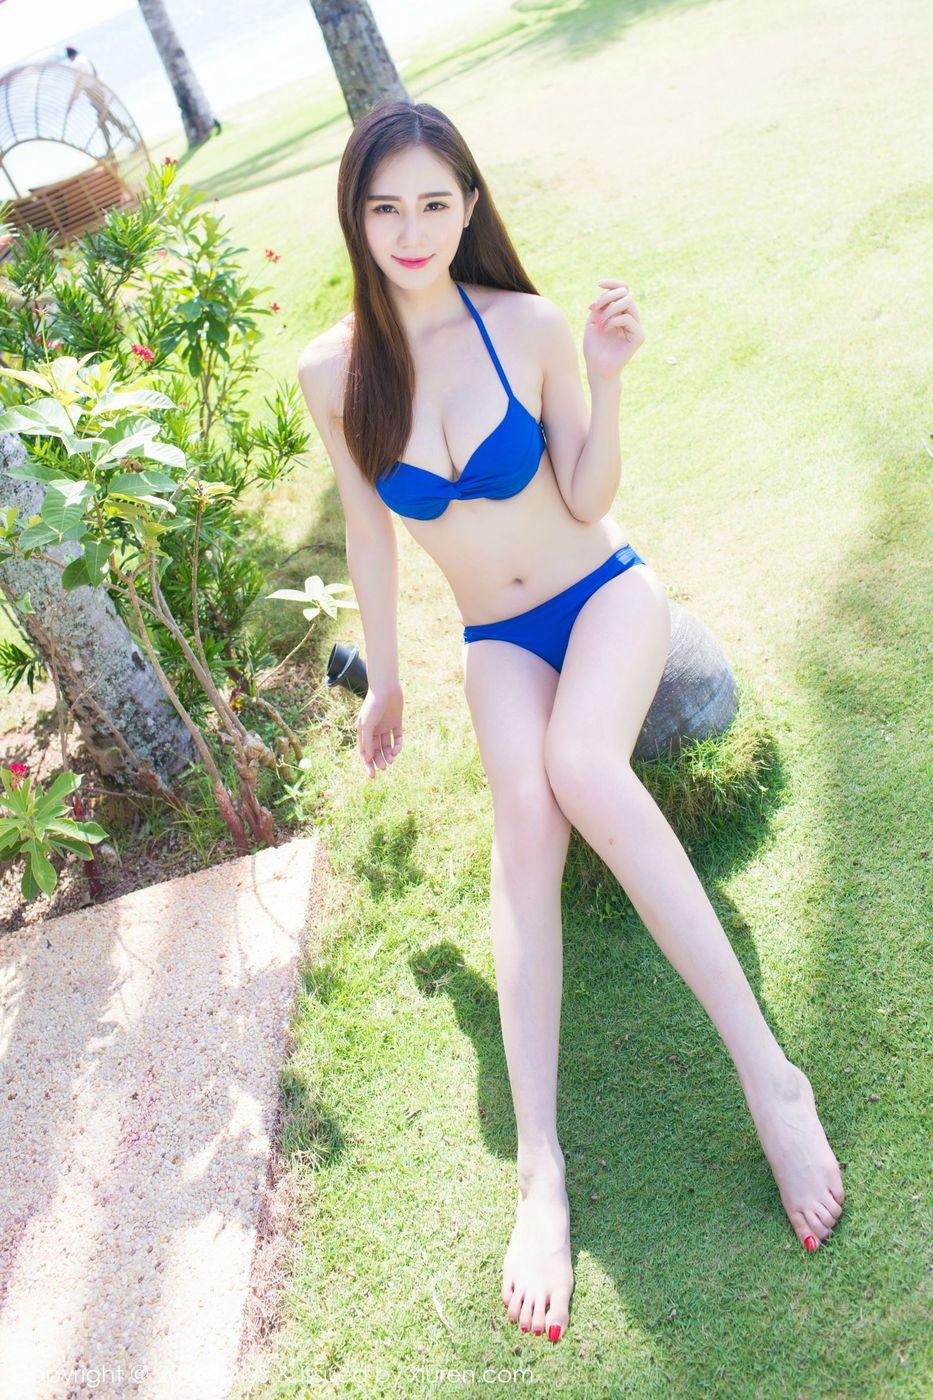 比基尼内衣诱惑清新美女美胸沙滩美女美女模特爱蜜社-[SISY思]超高清写真图片|1620141165更新